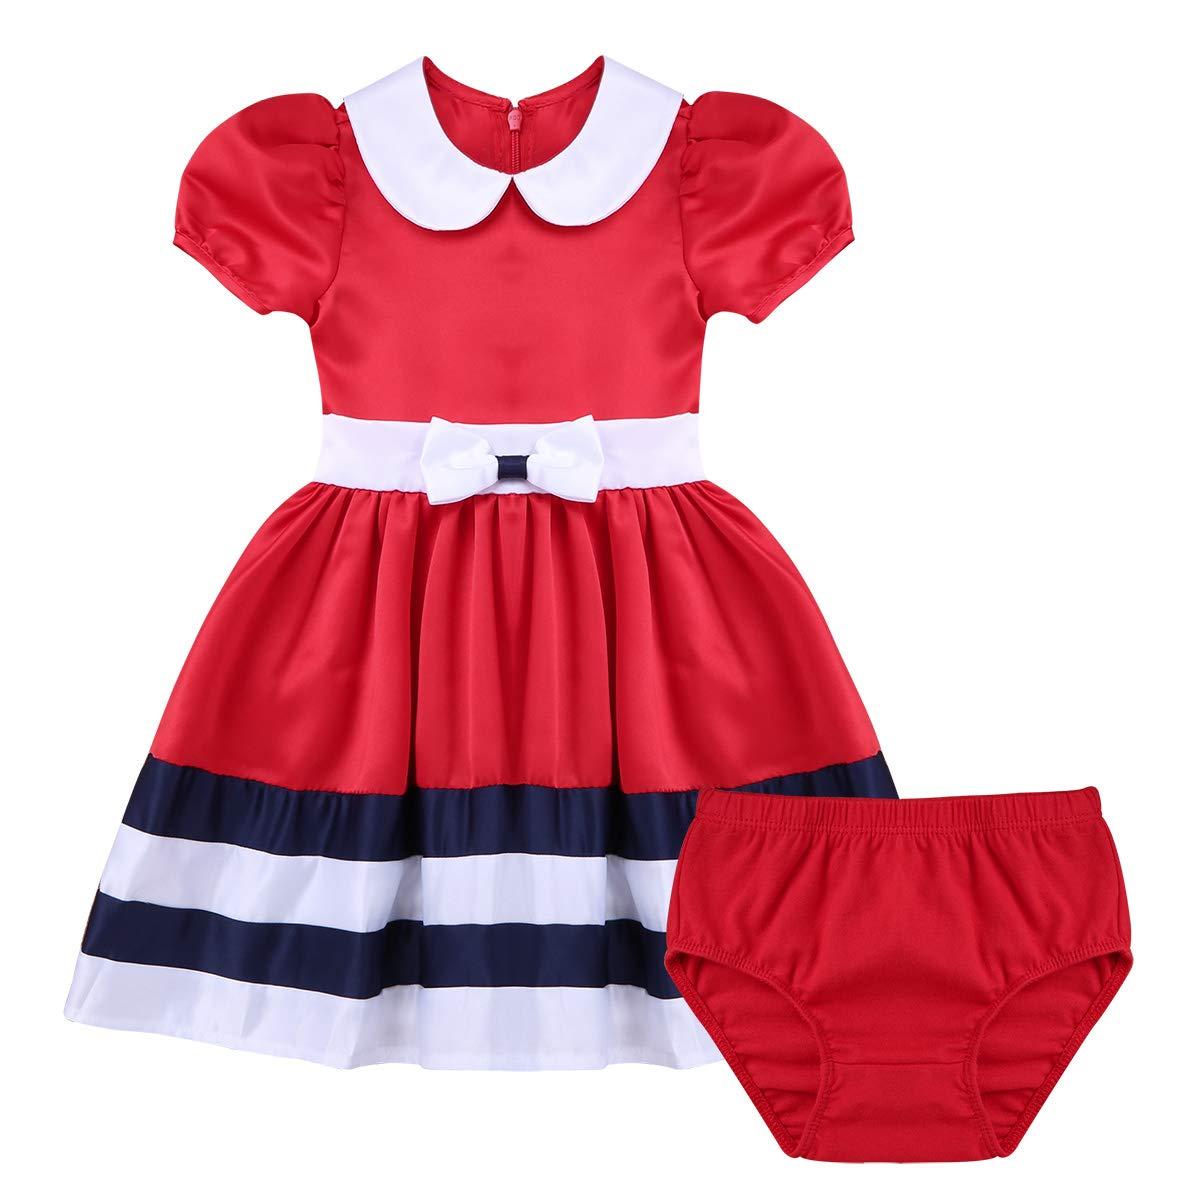 【楽天最安値に挑戦】 YiZYiF YiZYiF DRESS ベビーガールズ 3 - 6 Months 6 Months レッド B07GR1W36K, 出水市:9dc7634d --- a0267596.xsph.ru